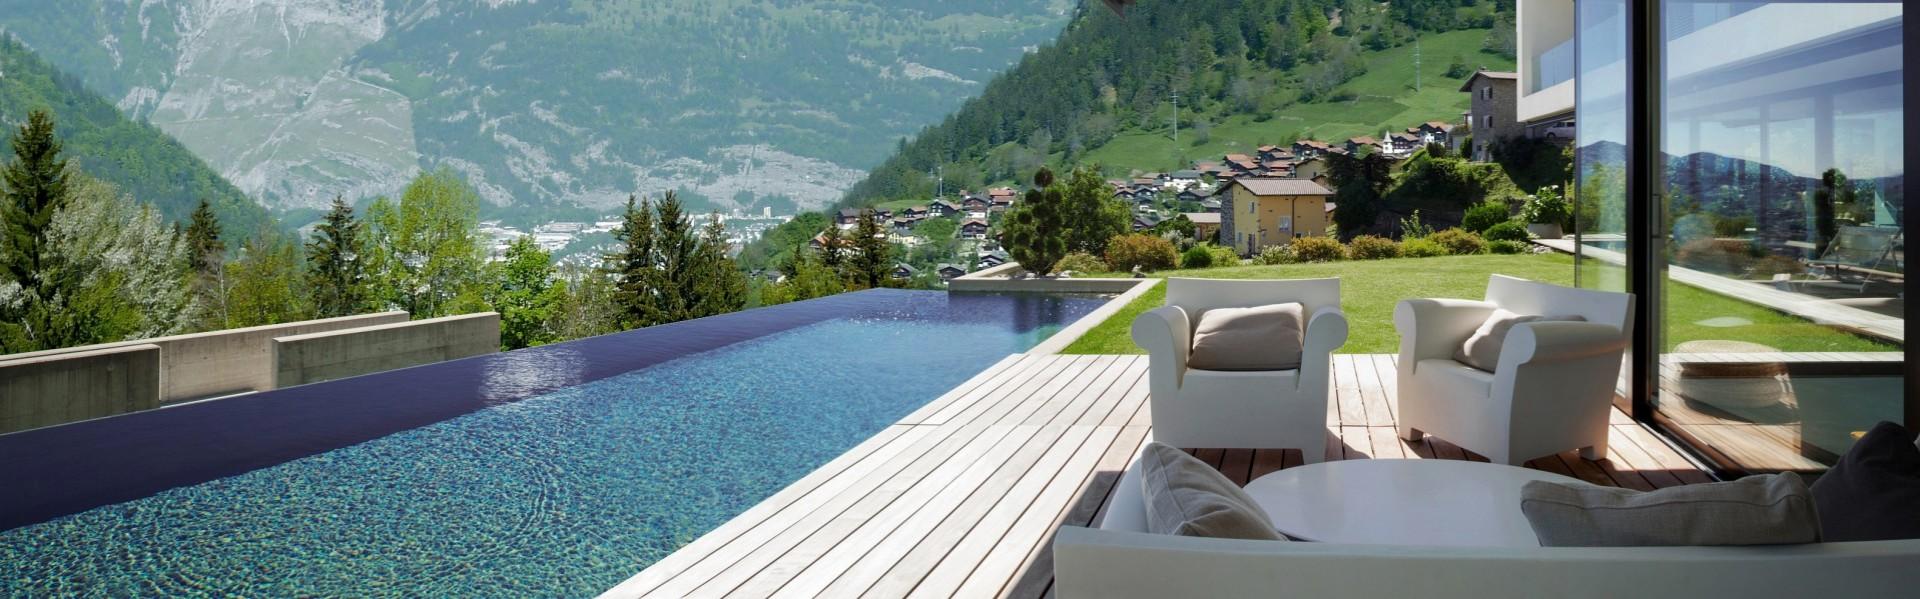 Stutterheim & Partner – Immobilienvermarktung